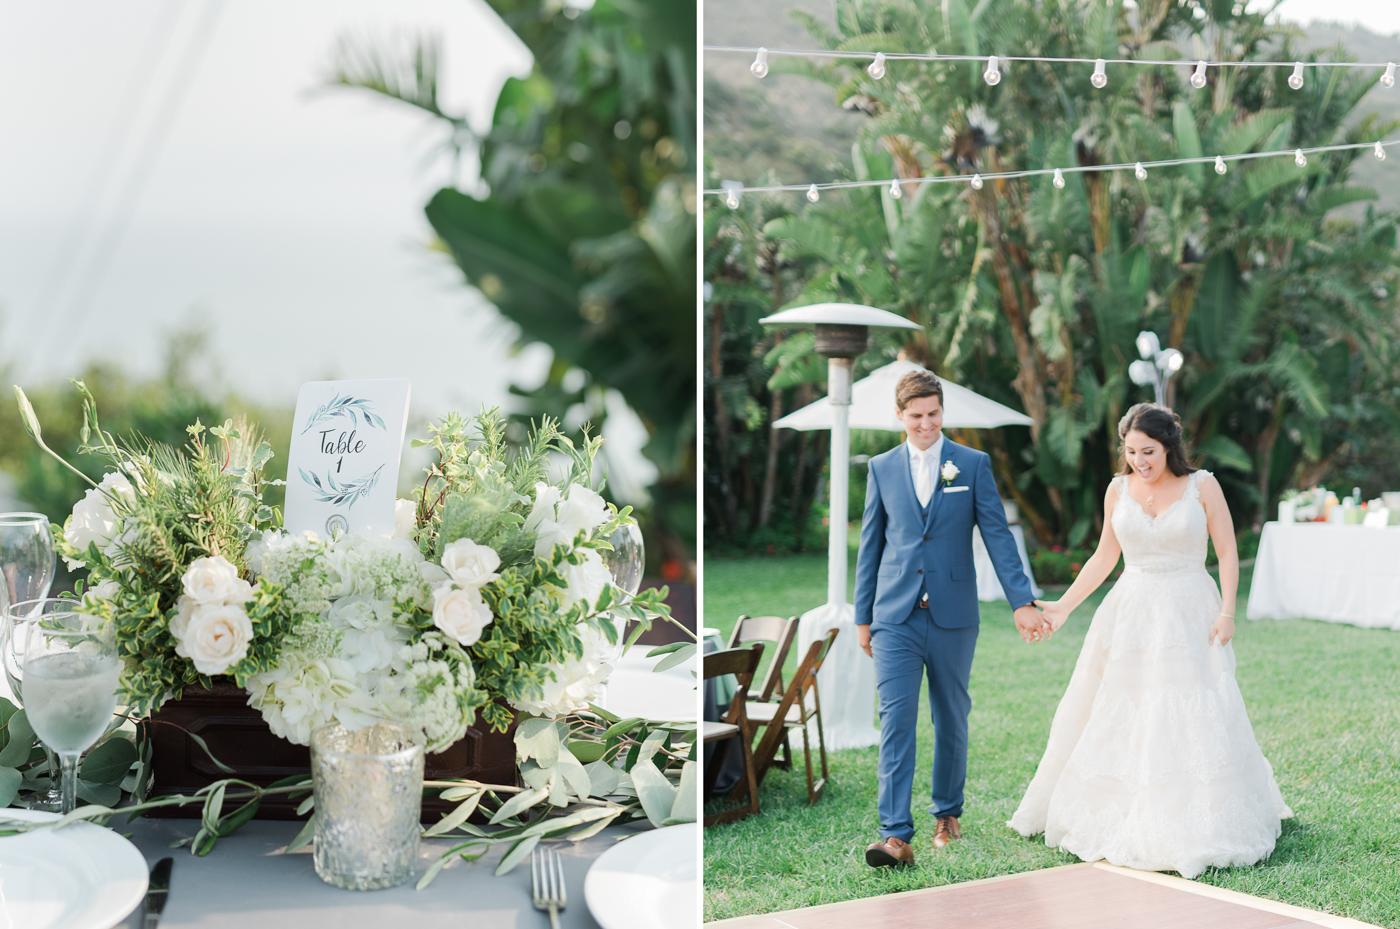 AKP_S&F_Malibu_Wedding_Fine_Art_Photography_Los_Angeles-43_reception.jpg